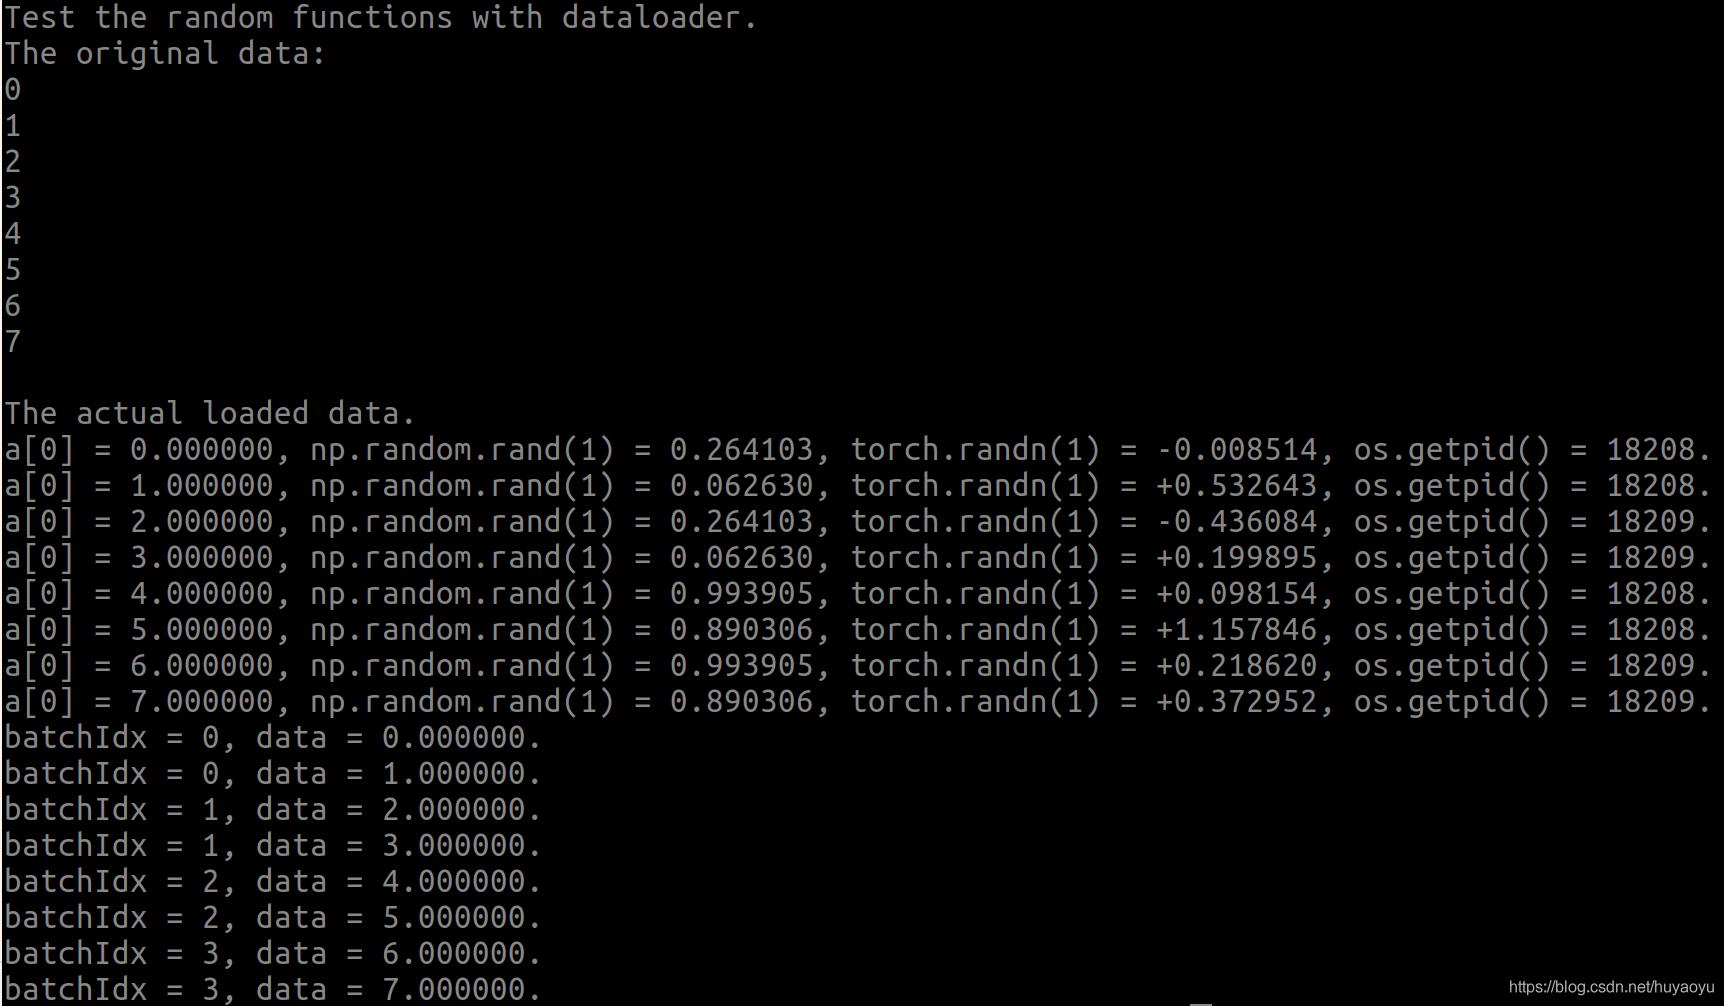 dataloader的随机数输出